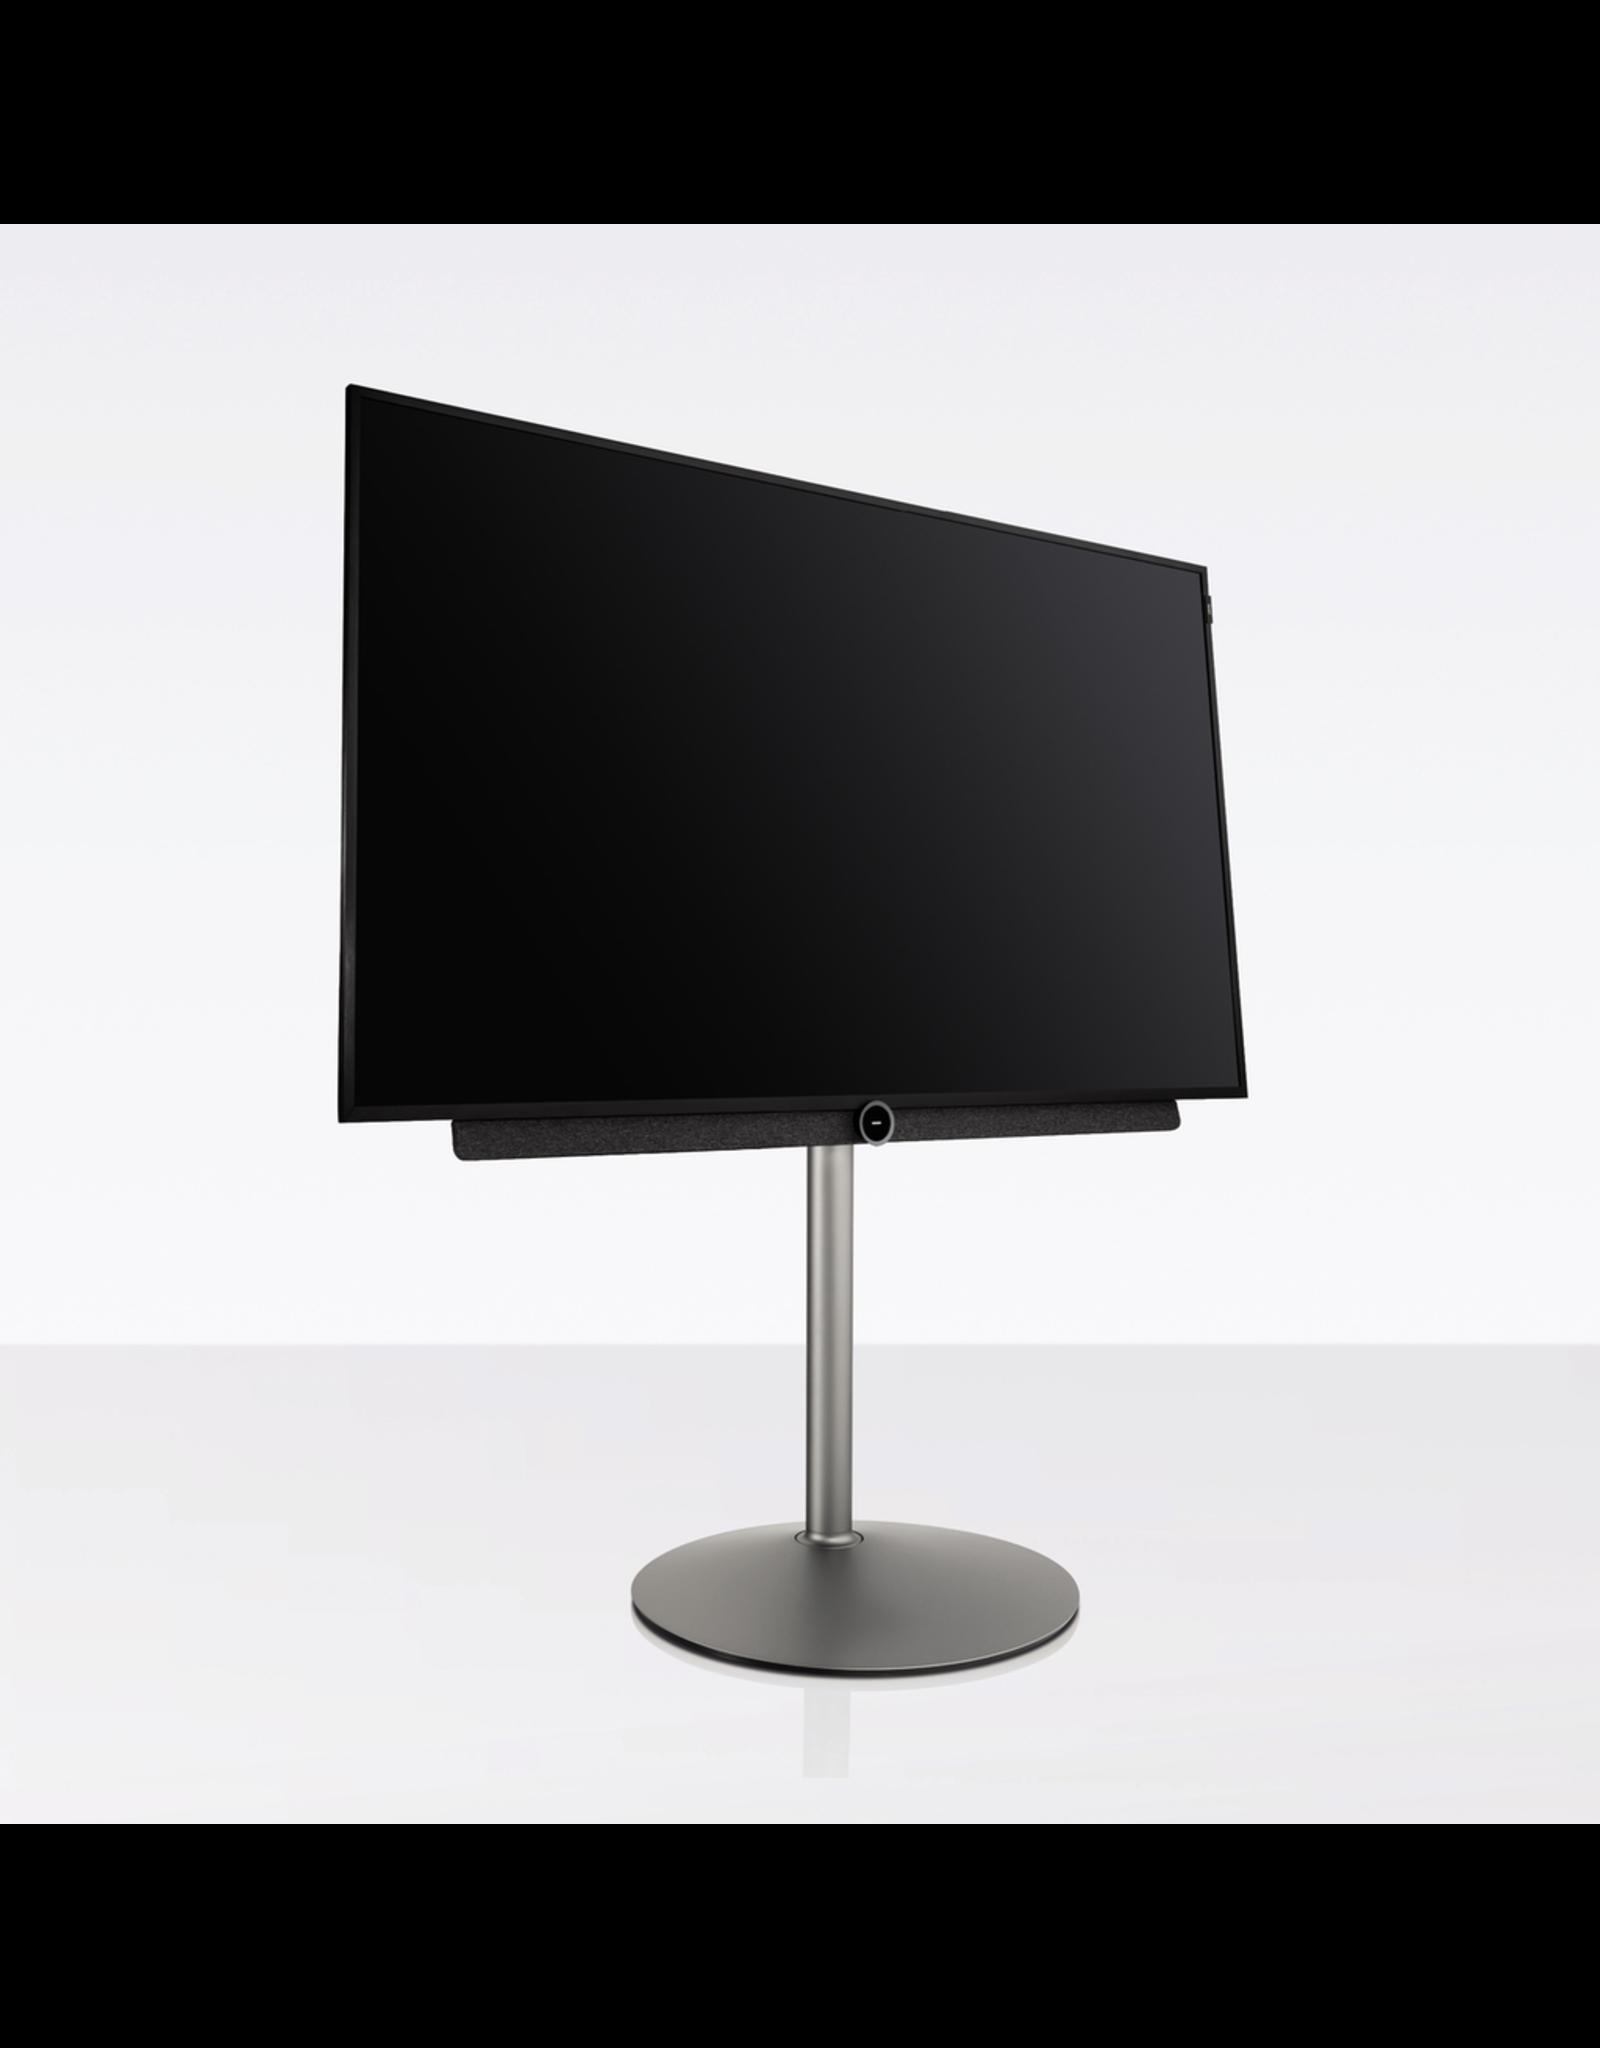 LOEWE LOEWE bild 3.49 UHD LED Television